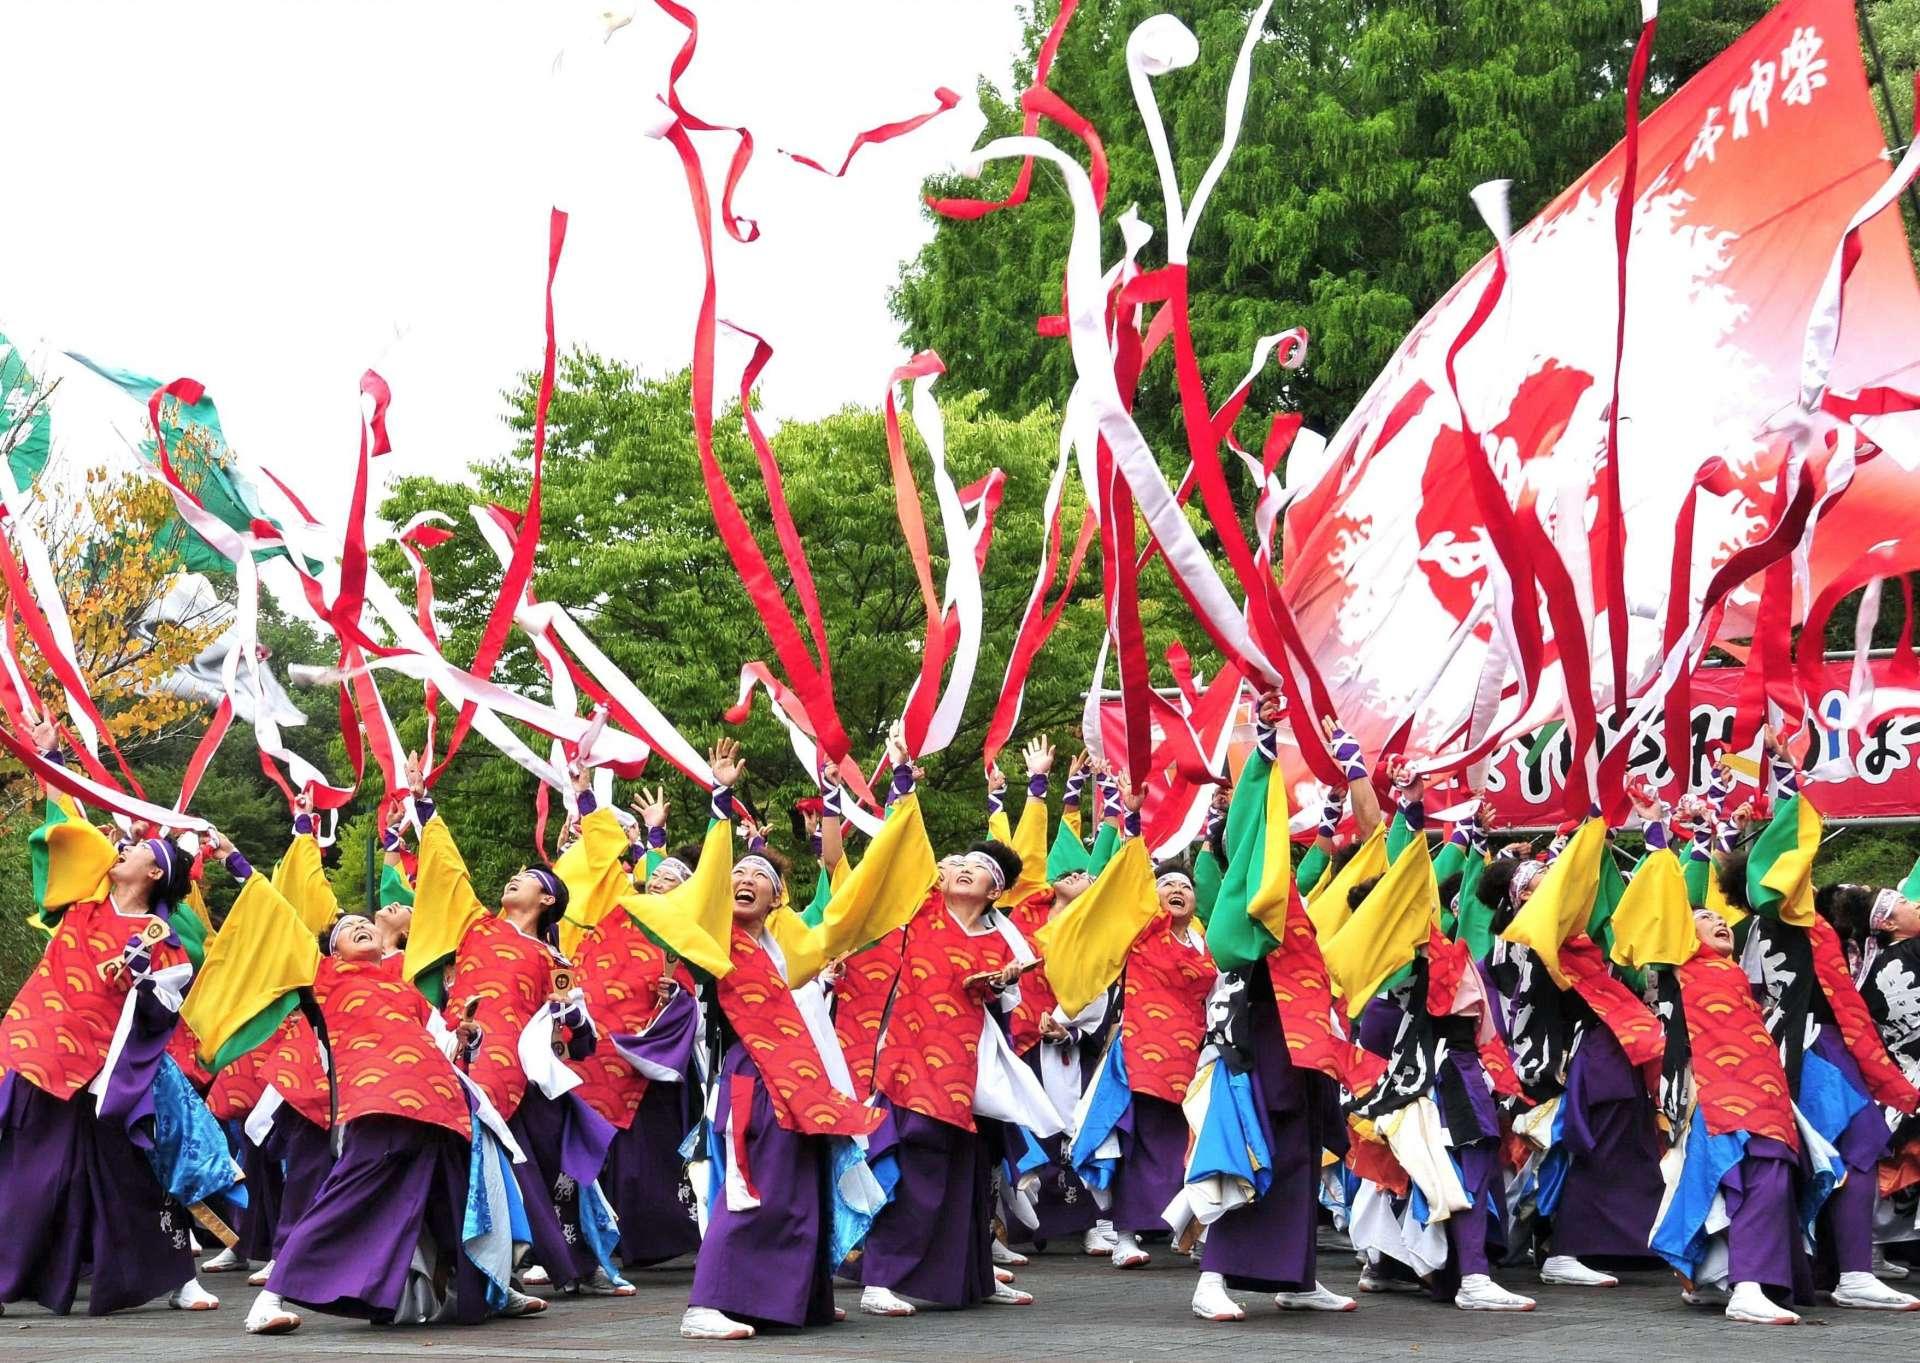 仙台市 陸奧YOSAKOI祭